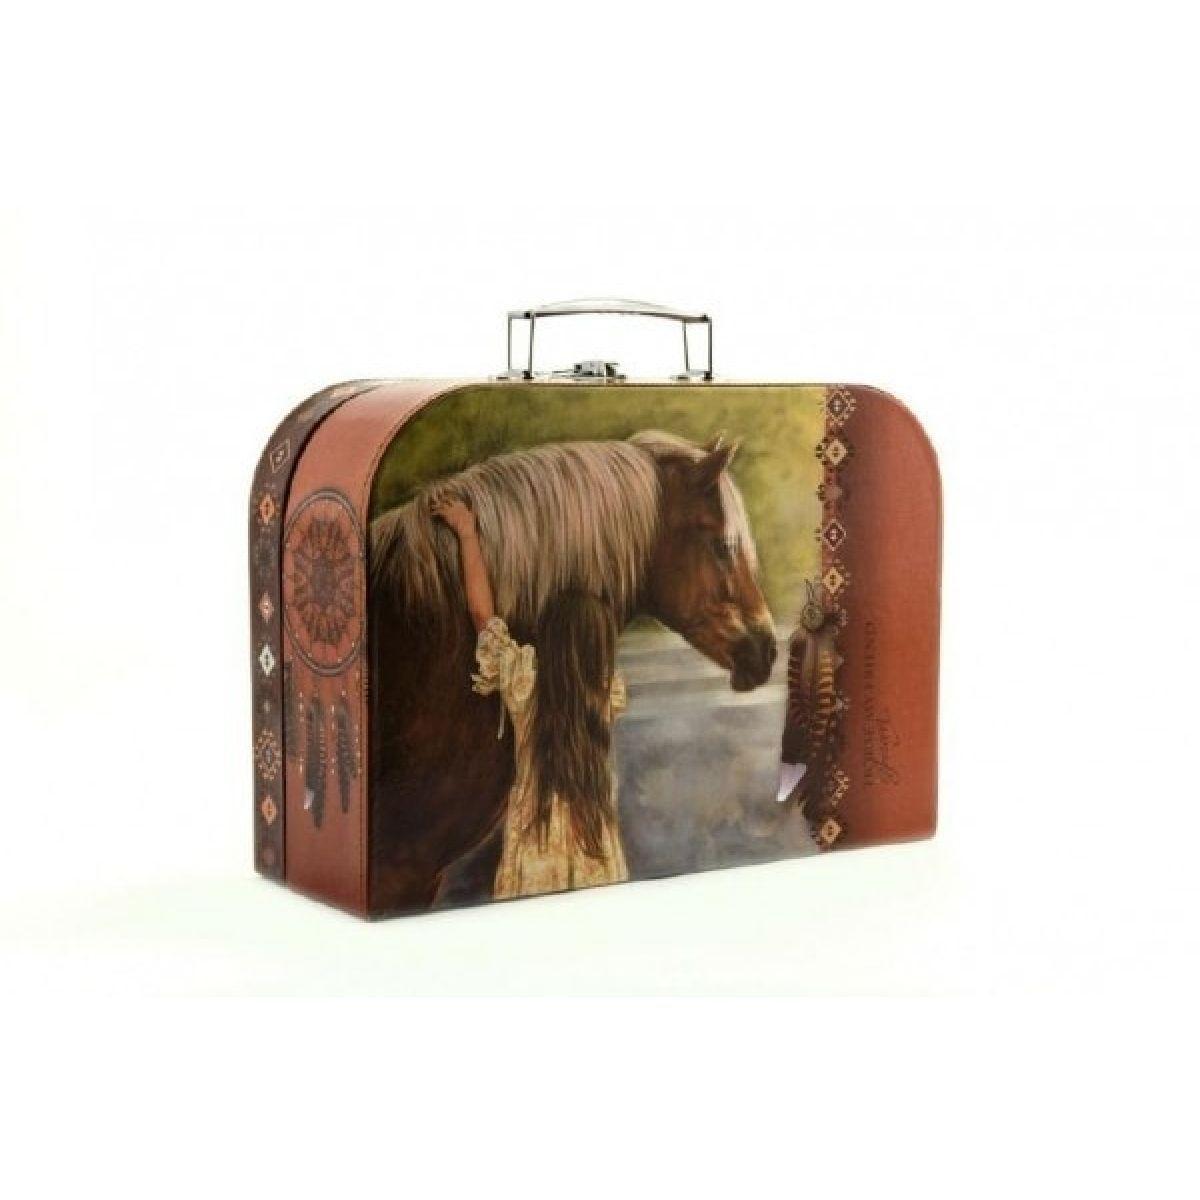 Šitý Kufřík Kůň s dívkou 30 cm